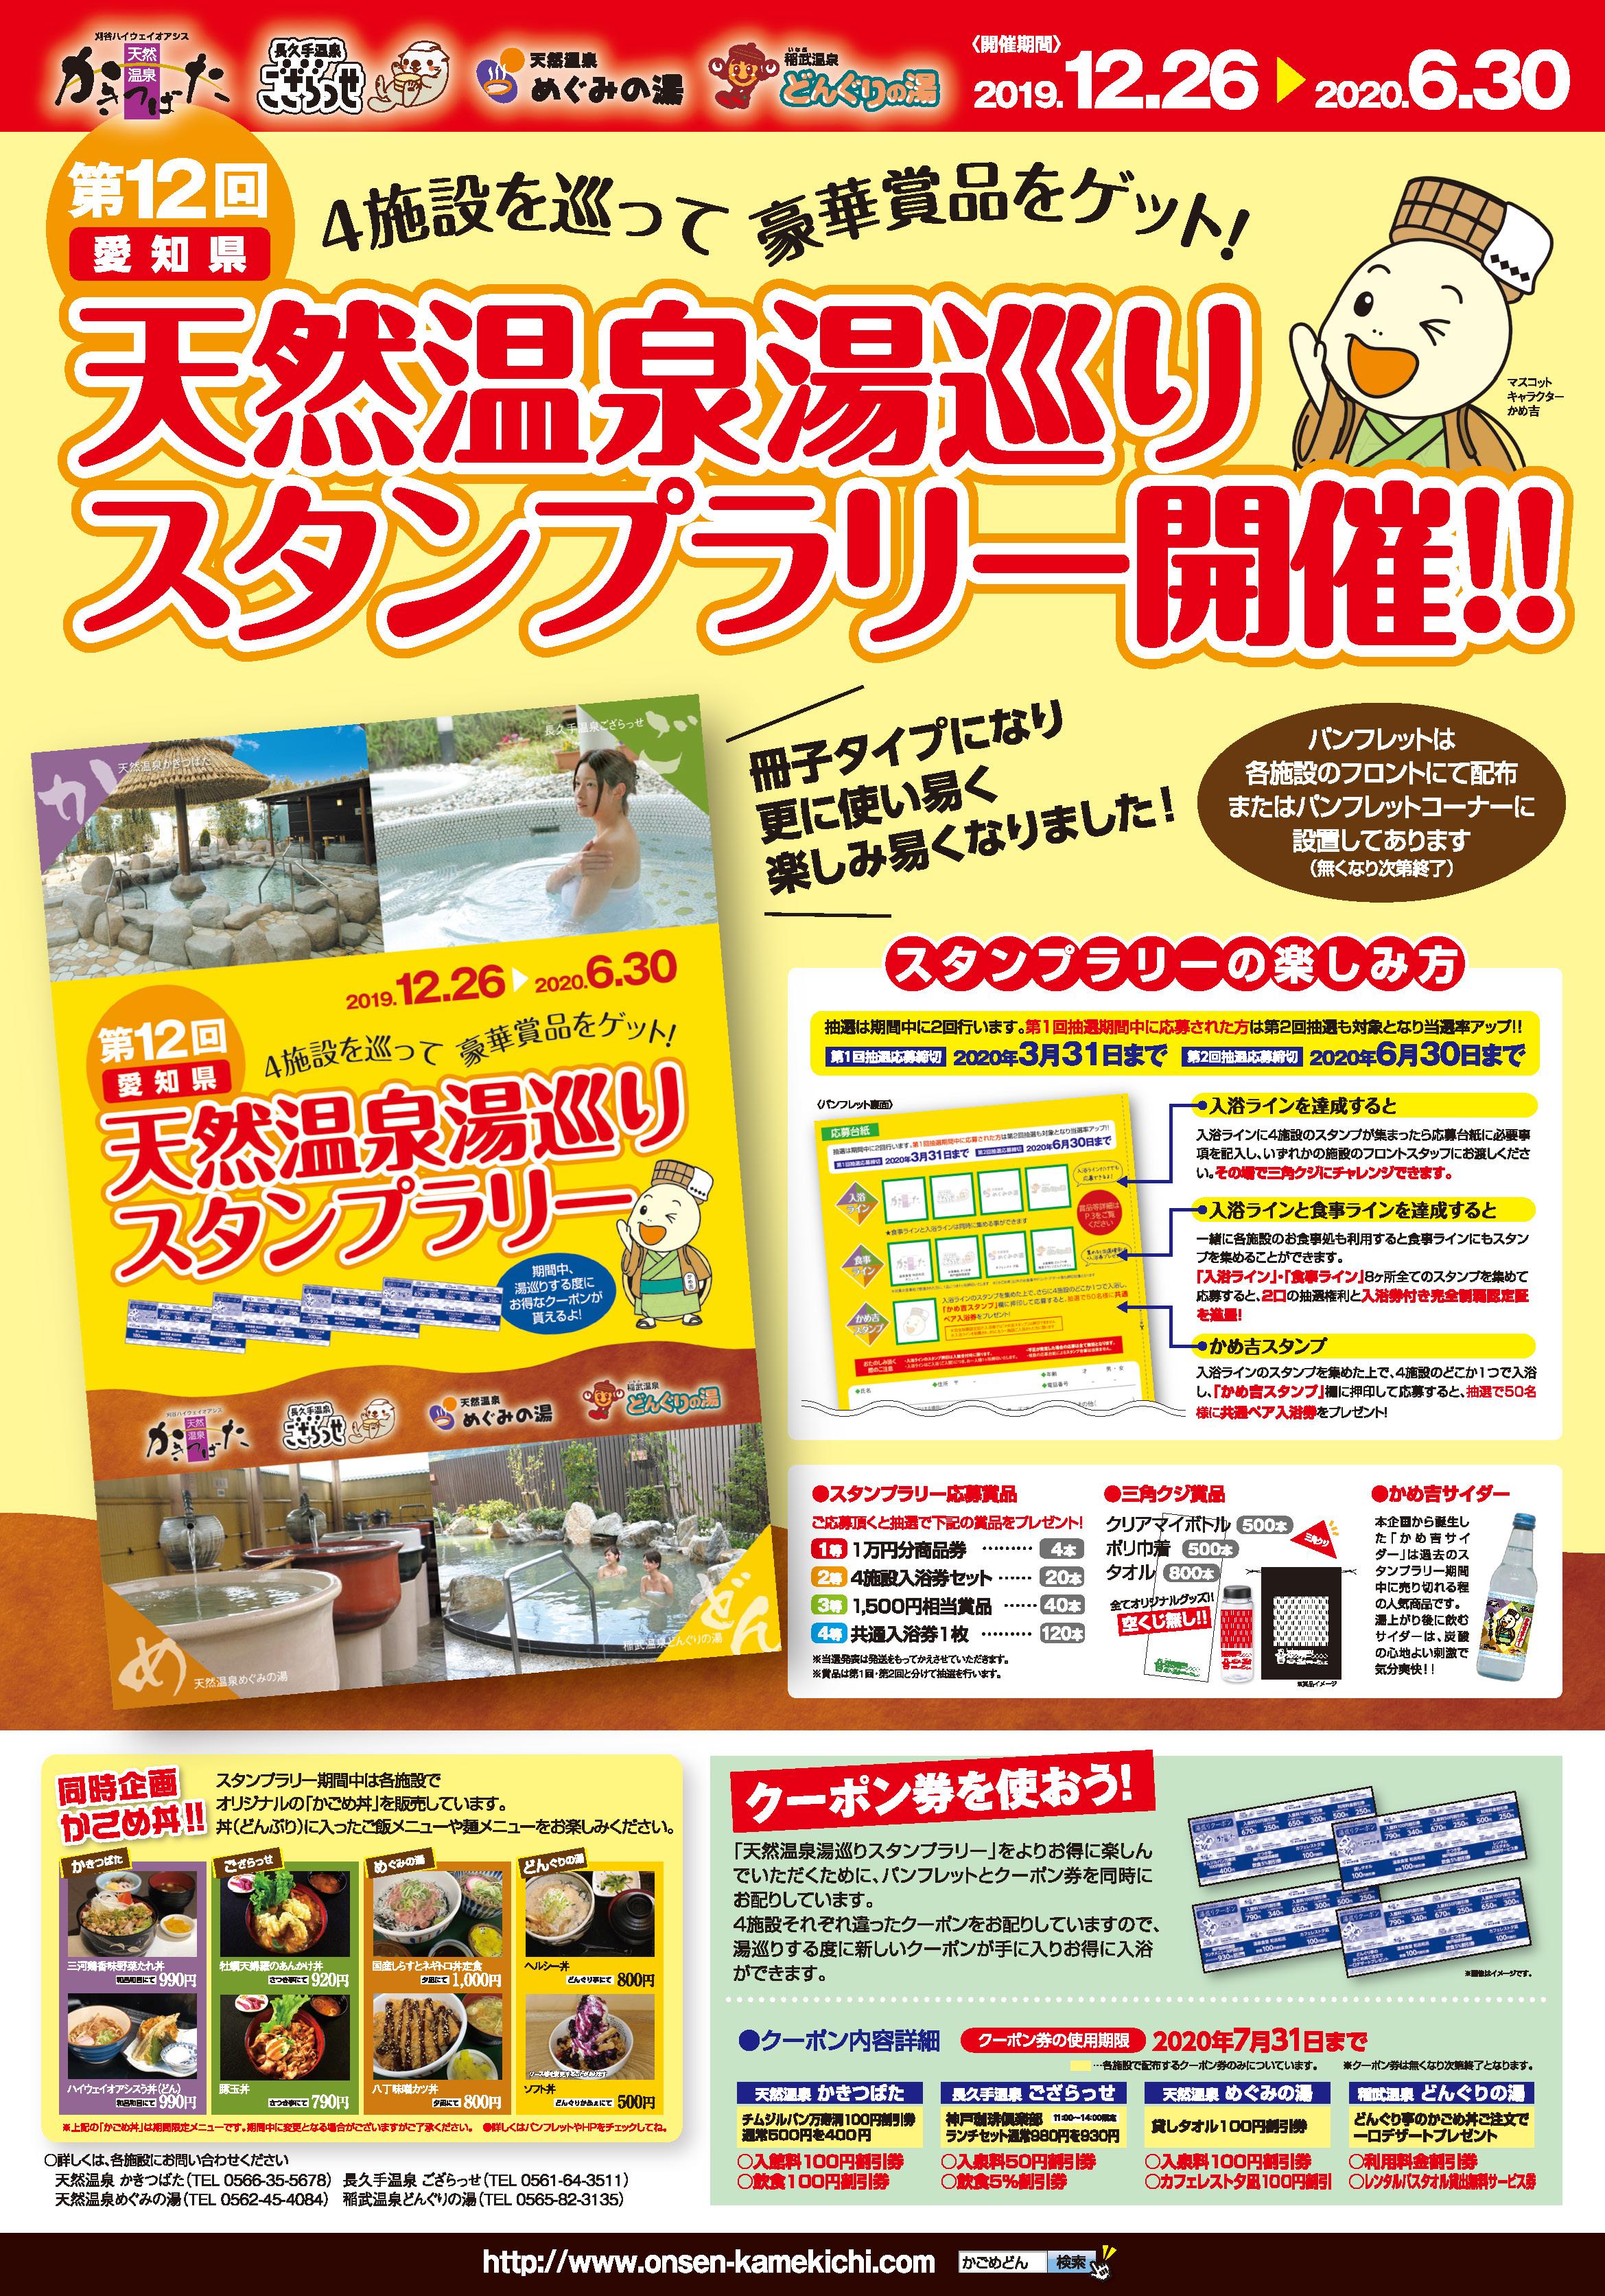 愛知県天然温泉湯巡りスタンプラリーかごめどん